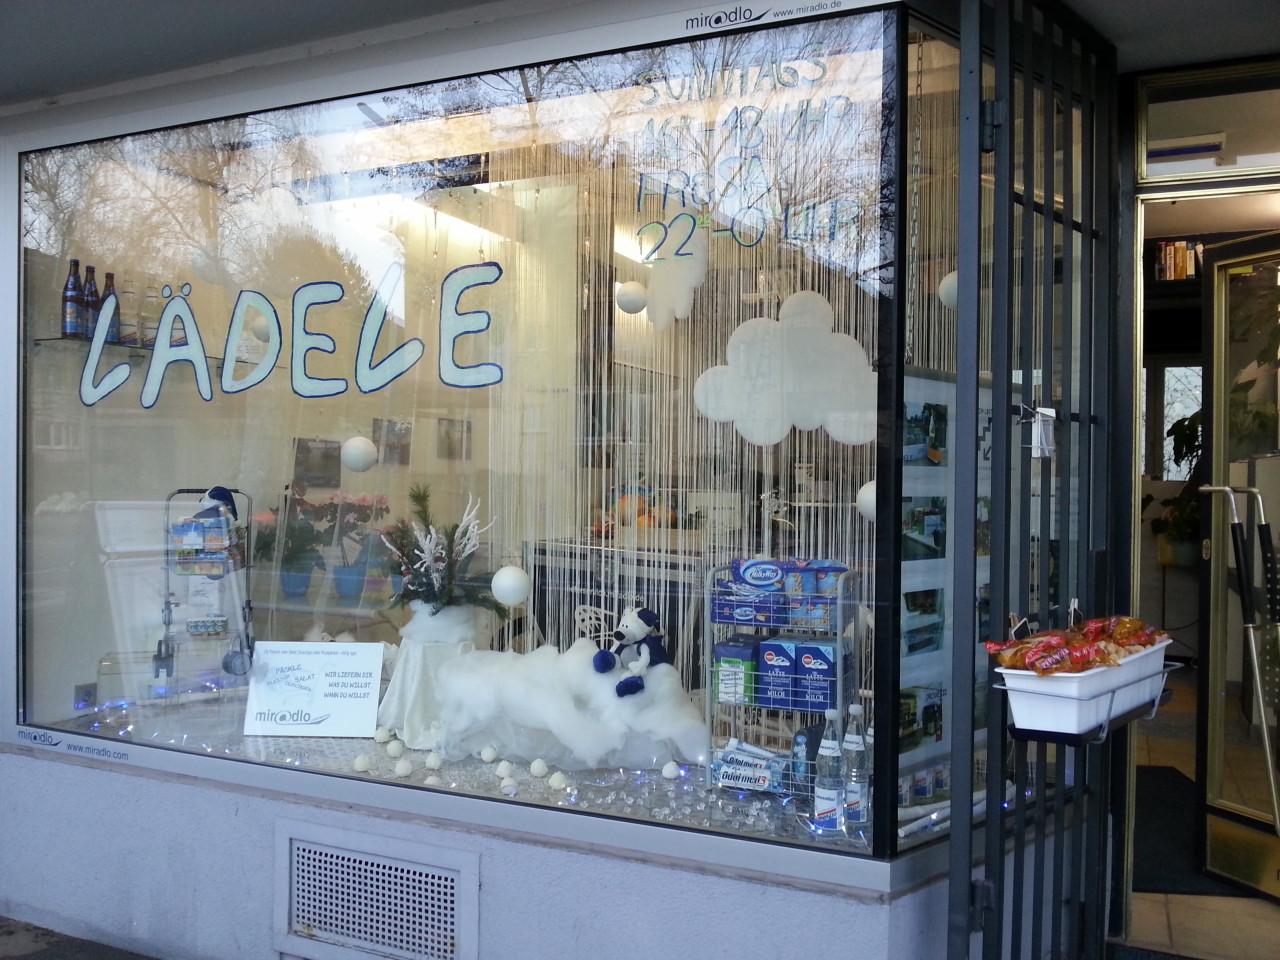 Winter im miradlo schaufenster lieferadressen tipps for Schaufenster dekorieren